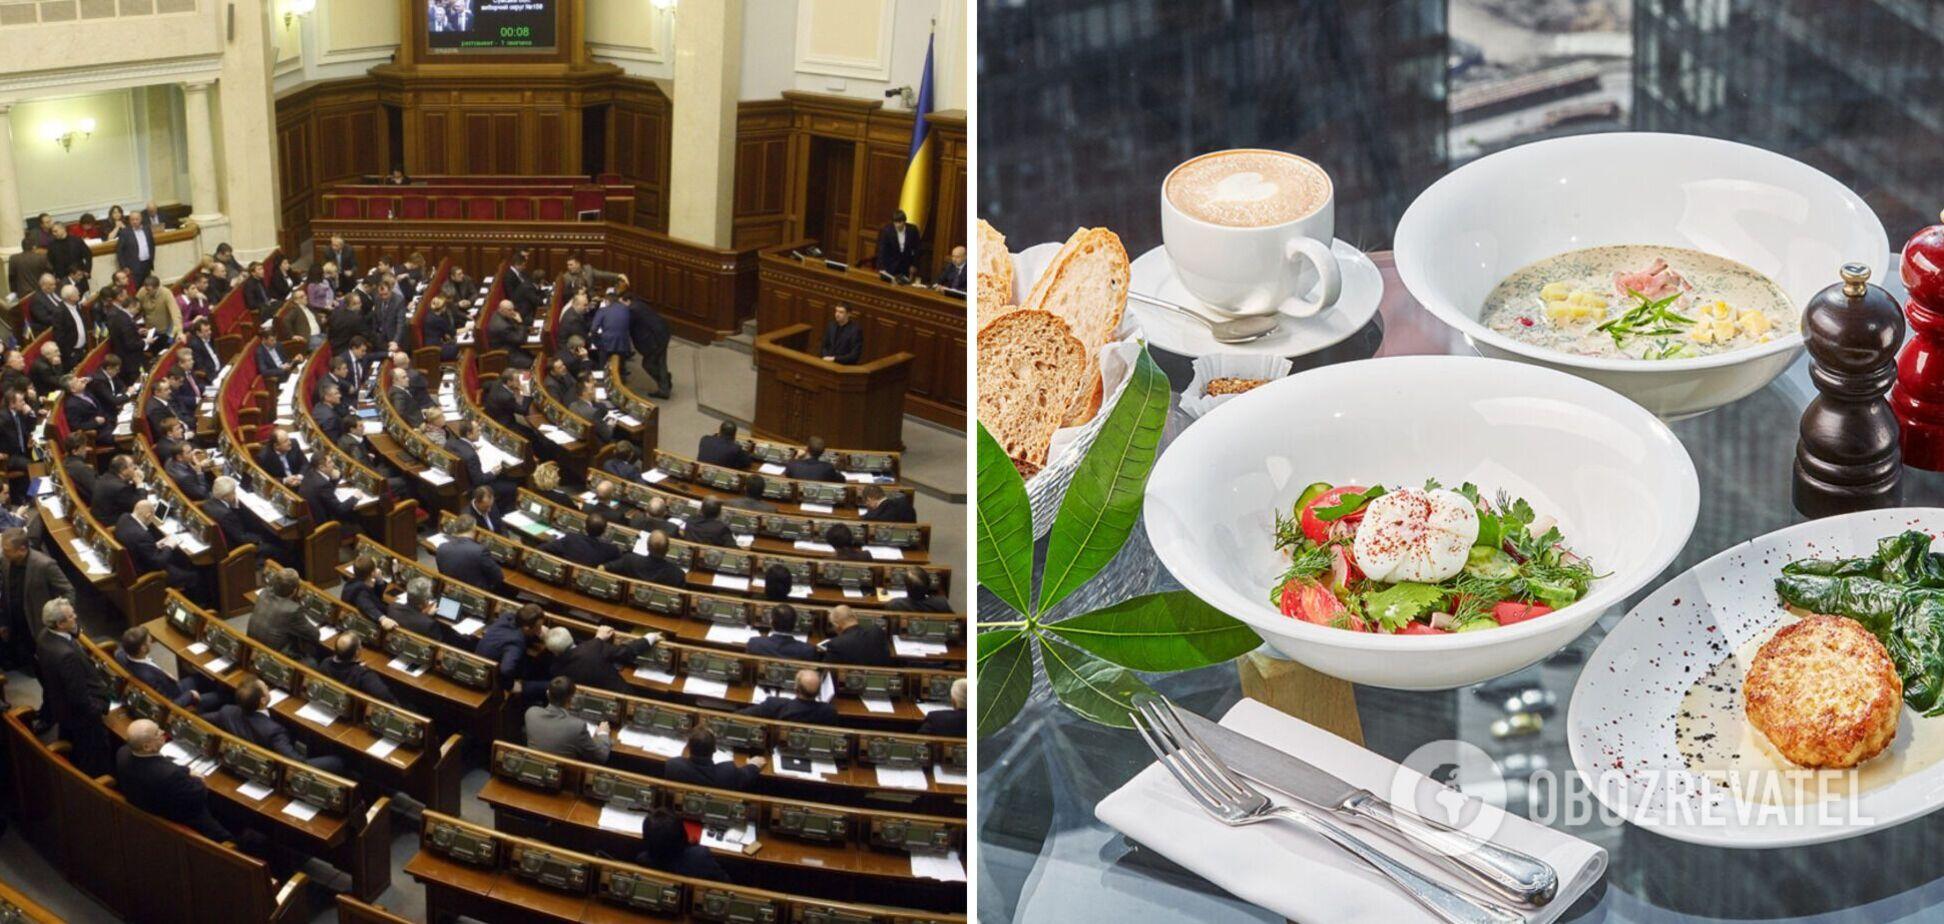 Дорожче, ніж в їдальні Ради: журналісти дізналися, де обідають нардепи. Відео